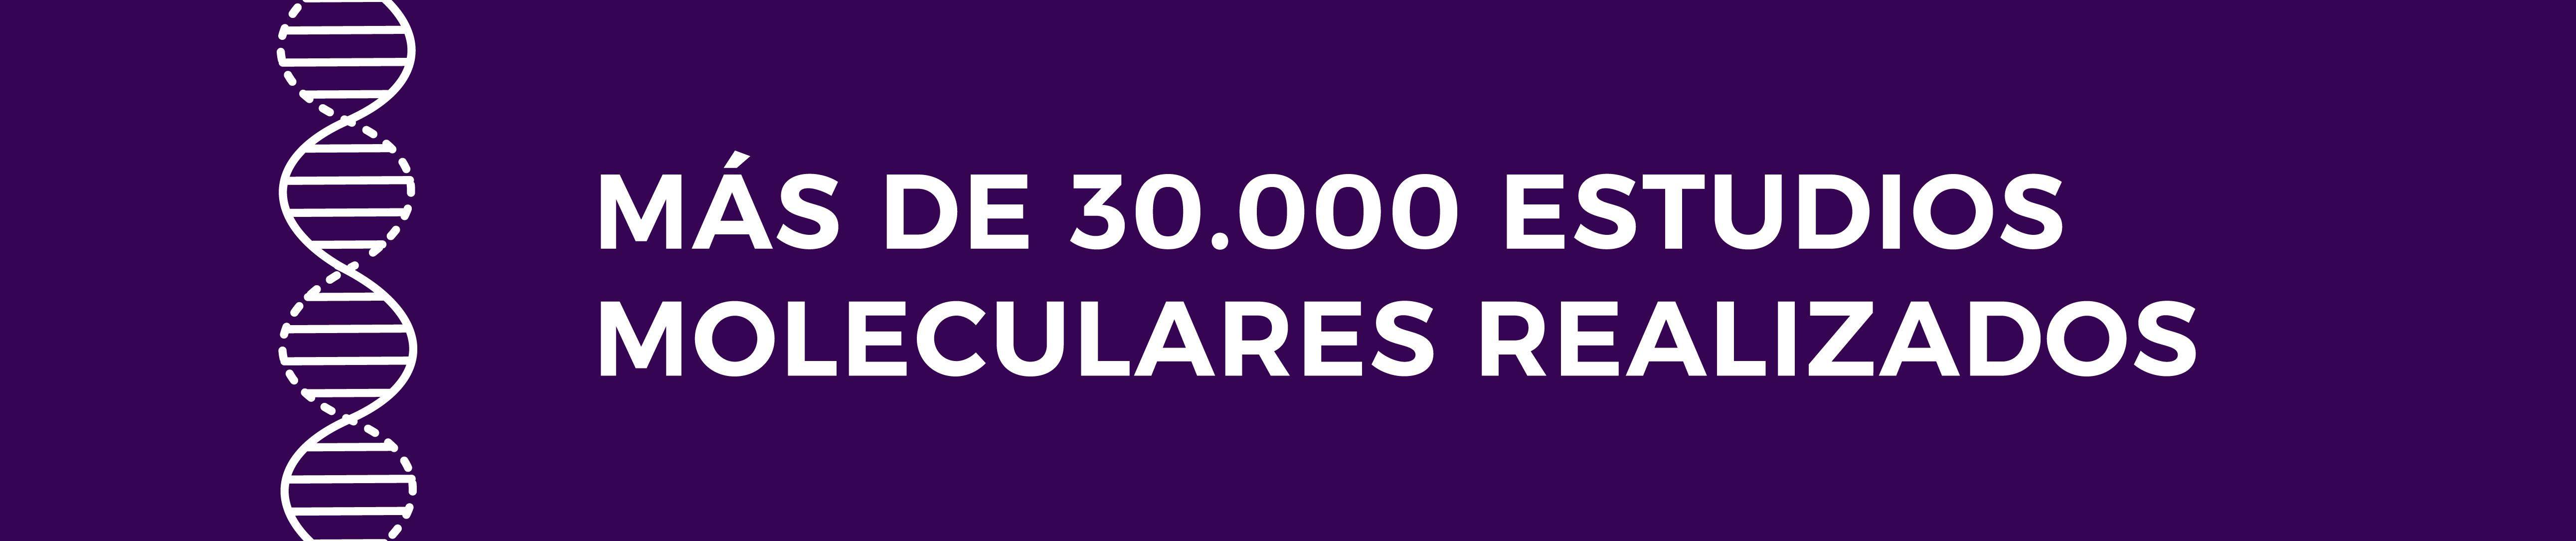 mas de 30000 estudios moleculares realizados